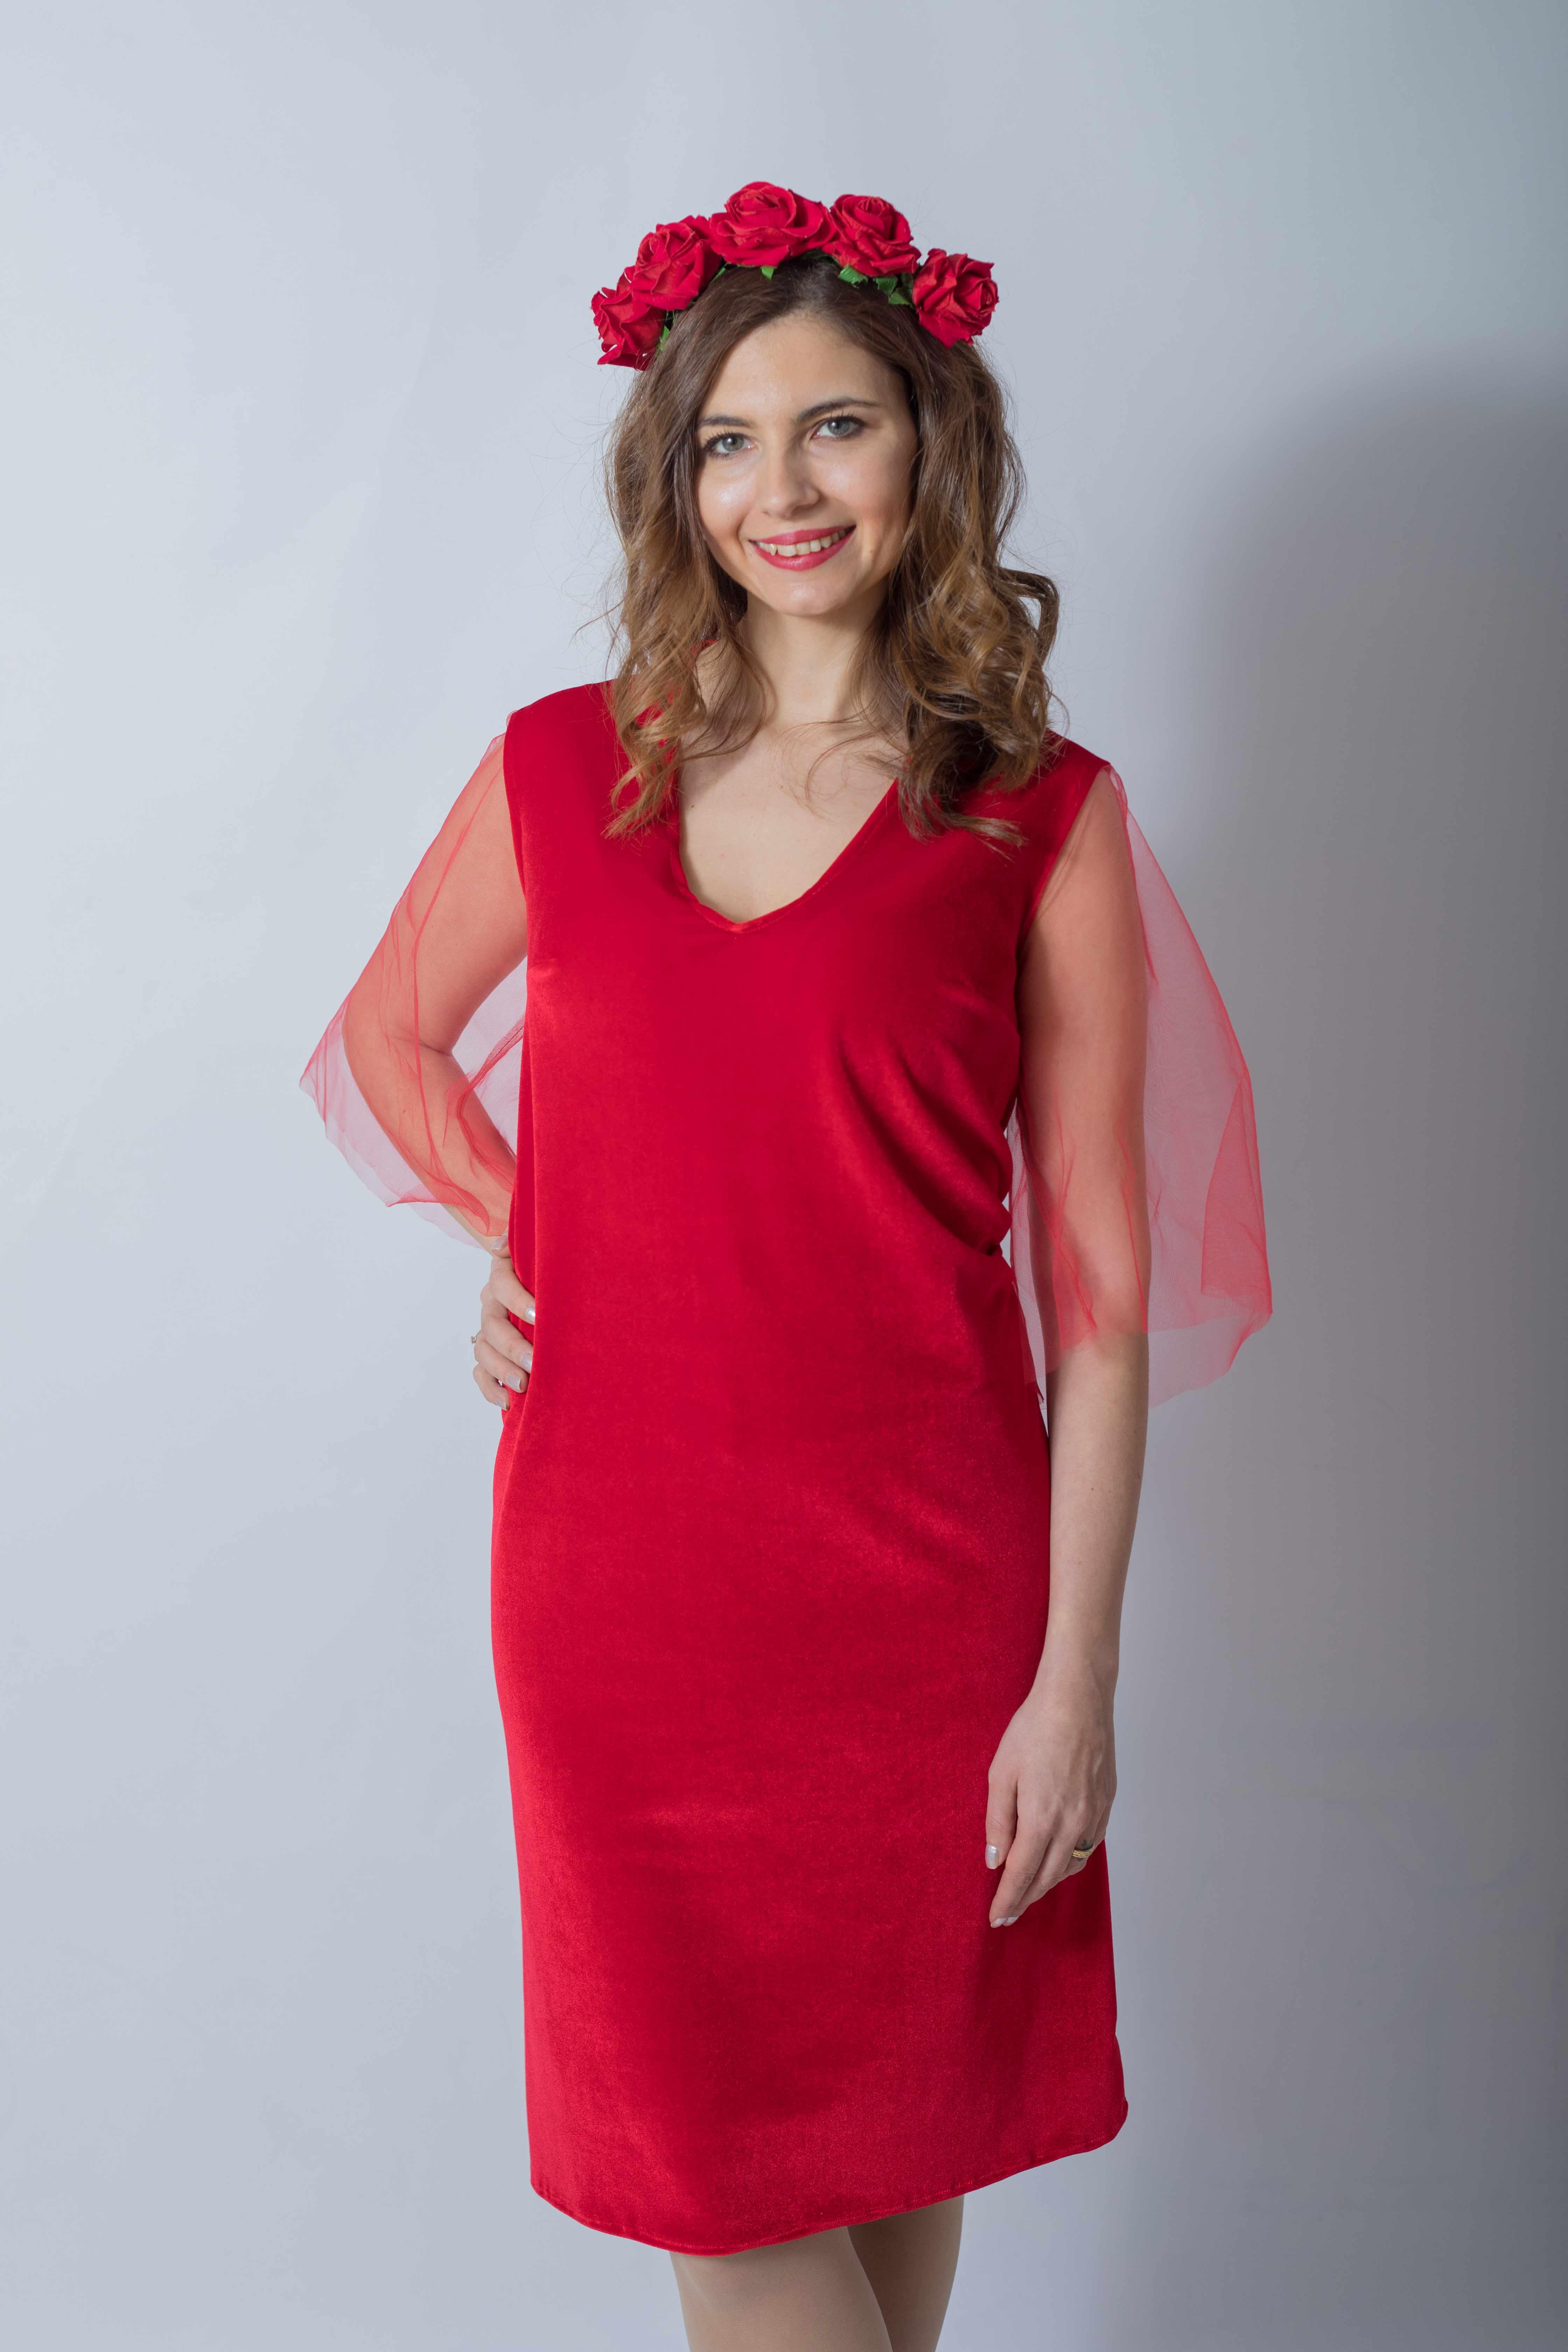 rouge-tulle-rochie-eleganta-gravida-din-catifea-premium-transport-gratuit 1